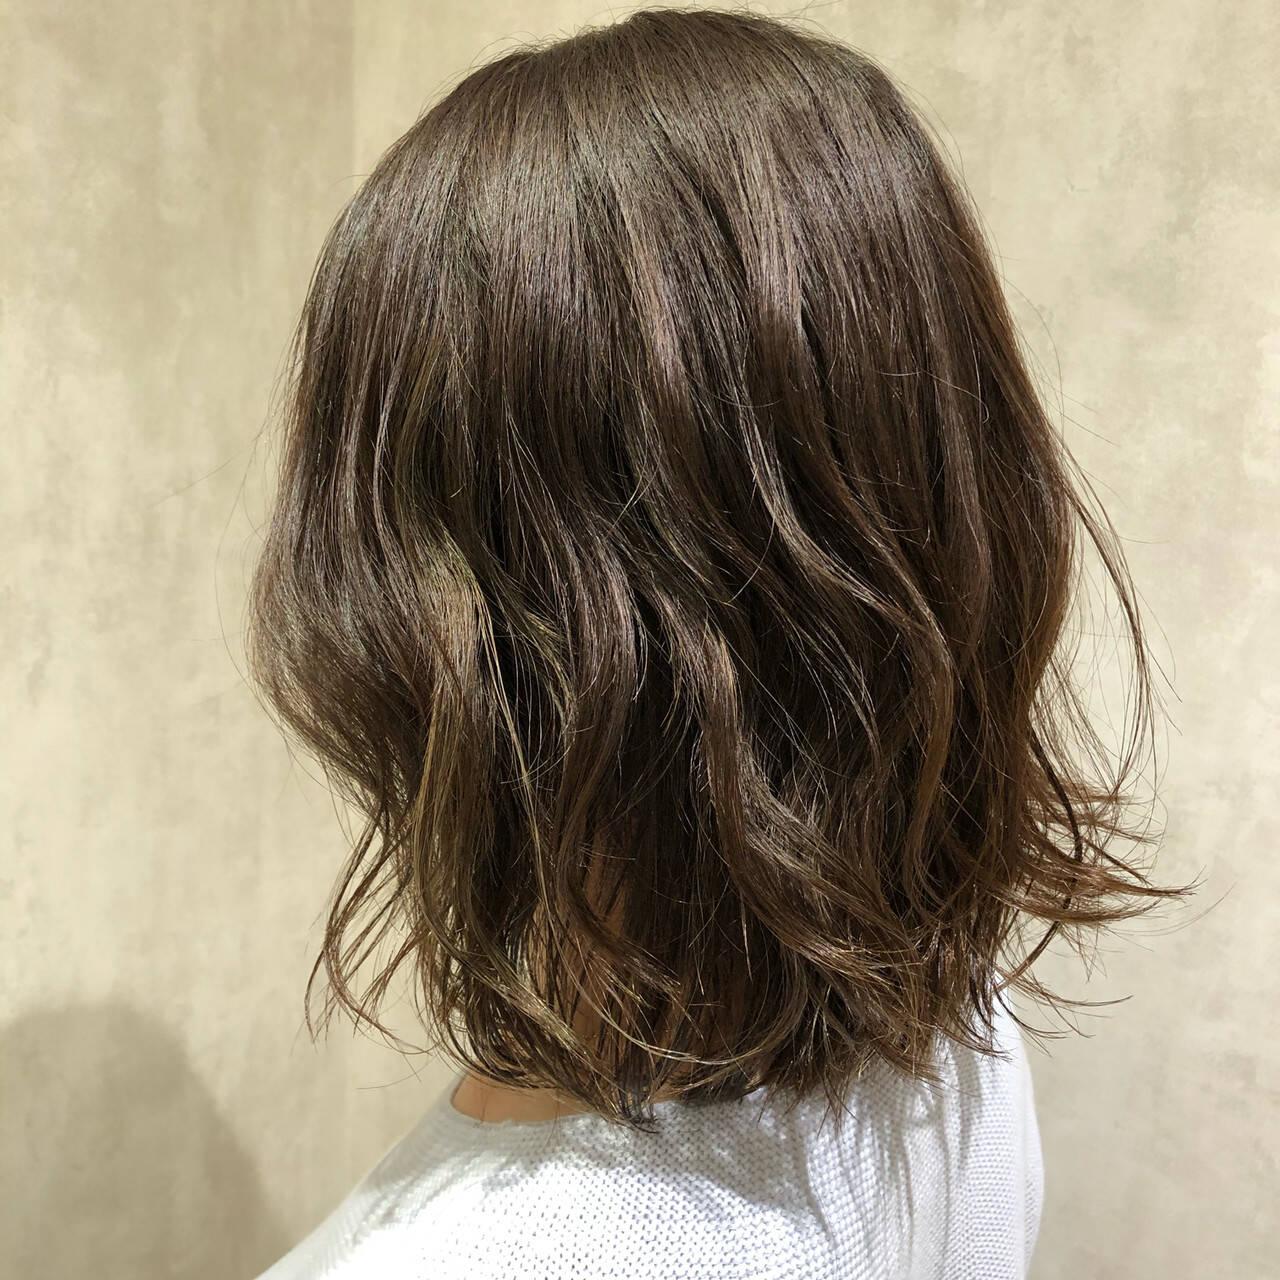 インナーカラー ナチュラル ボブ ミニボブヘアスタイルや髪型の写真・画像